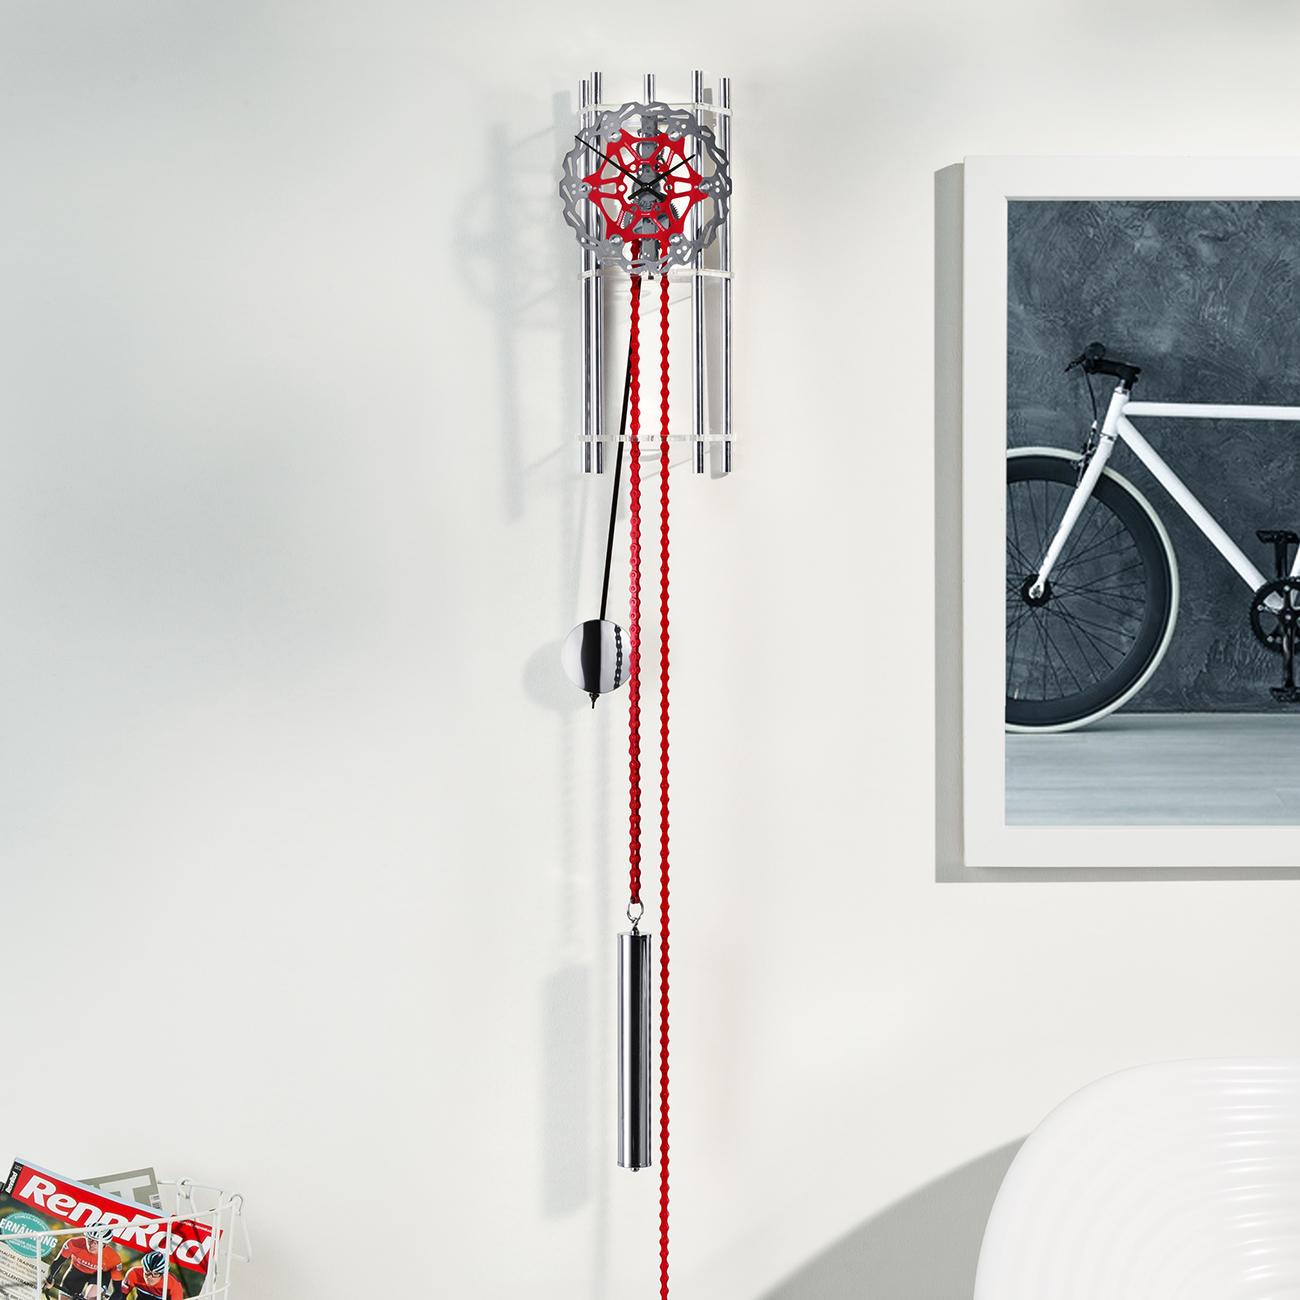 """Design-Wandpendeluhr """"Rad"""", Fahrrad-Elemente, silber/rot, mechanische Technik :: Silber/Rot/Schwarz -  -  - Erwachsene"""